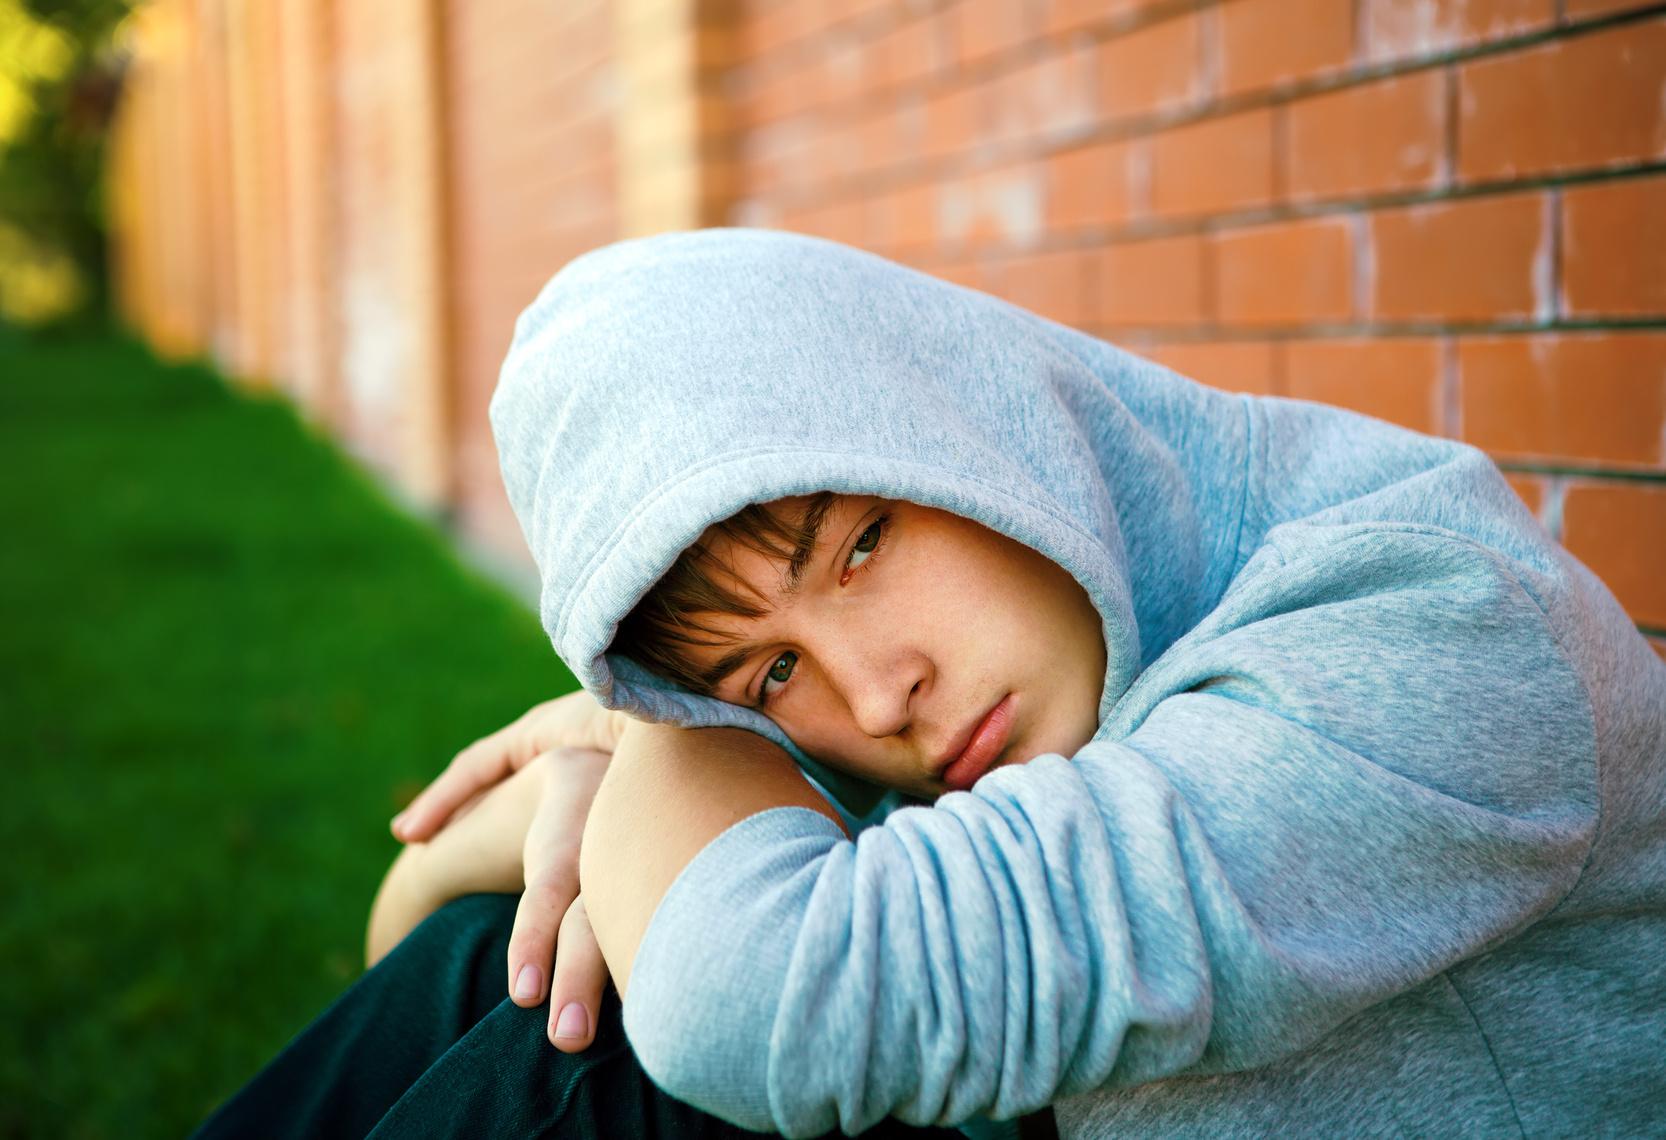 Depressionen auch bei Kindern Dieser Junge wünscht sich seit 7 Jahren den Tod